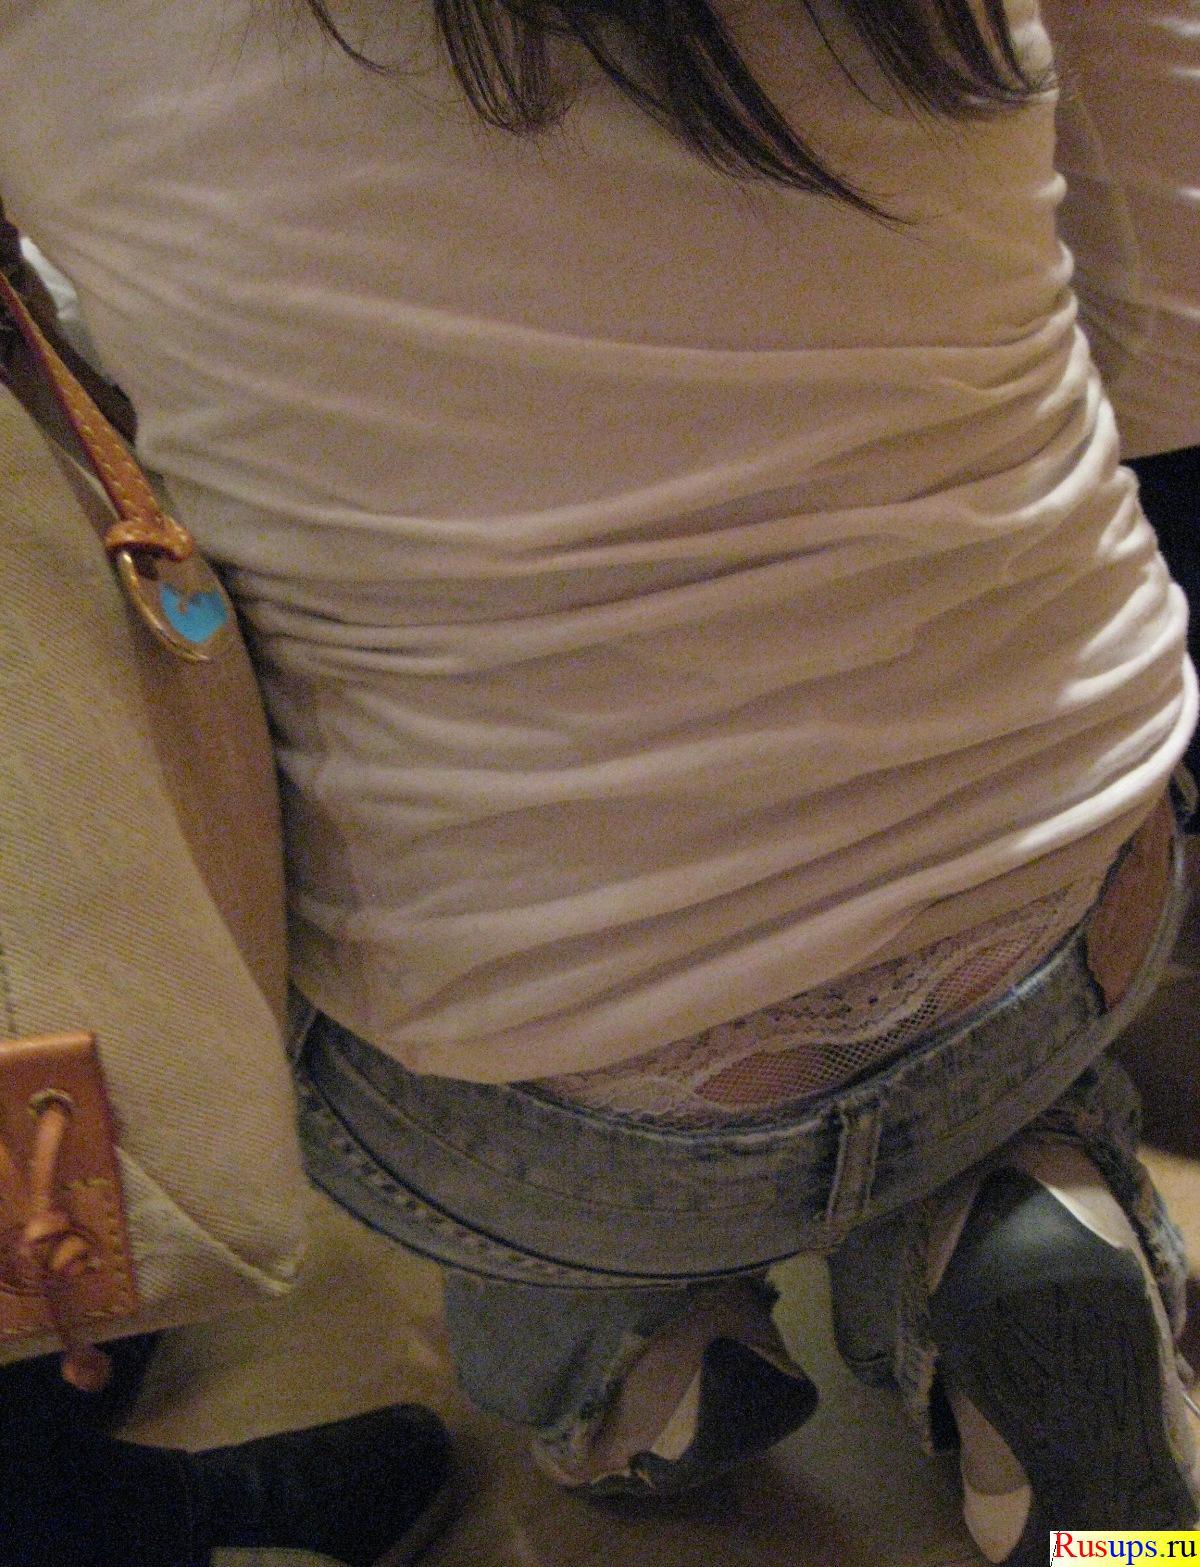 Трусики торчат из джинс 10 фотография